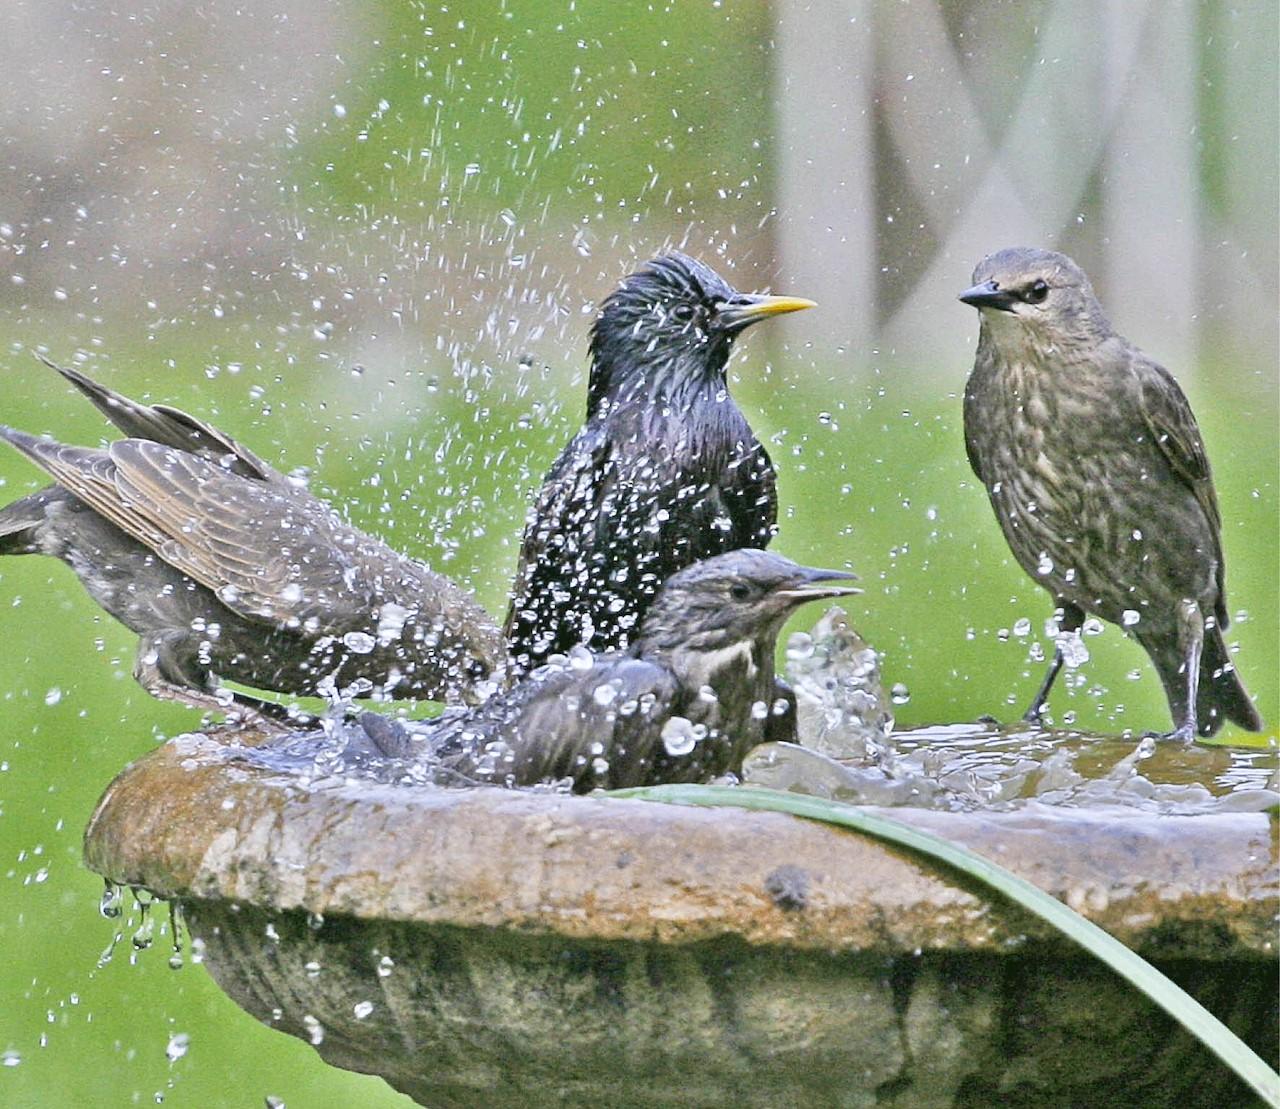 Help de vogels de hitte door!